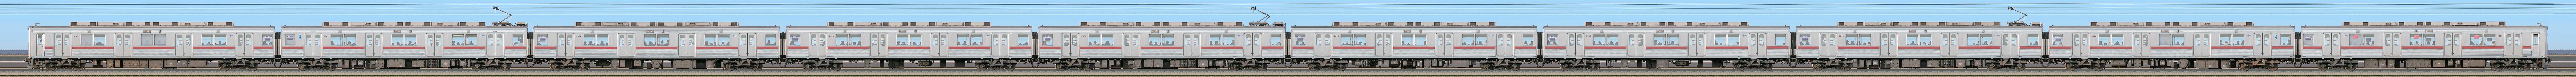 東武9000型9102編成(海側)の編成サイドビュー